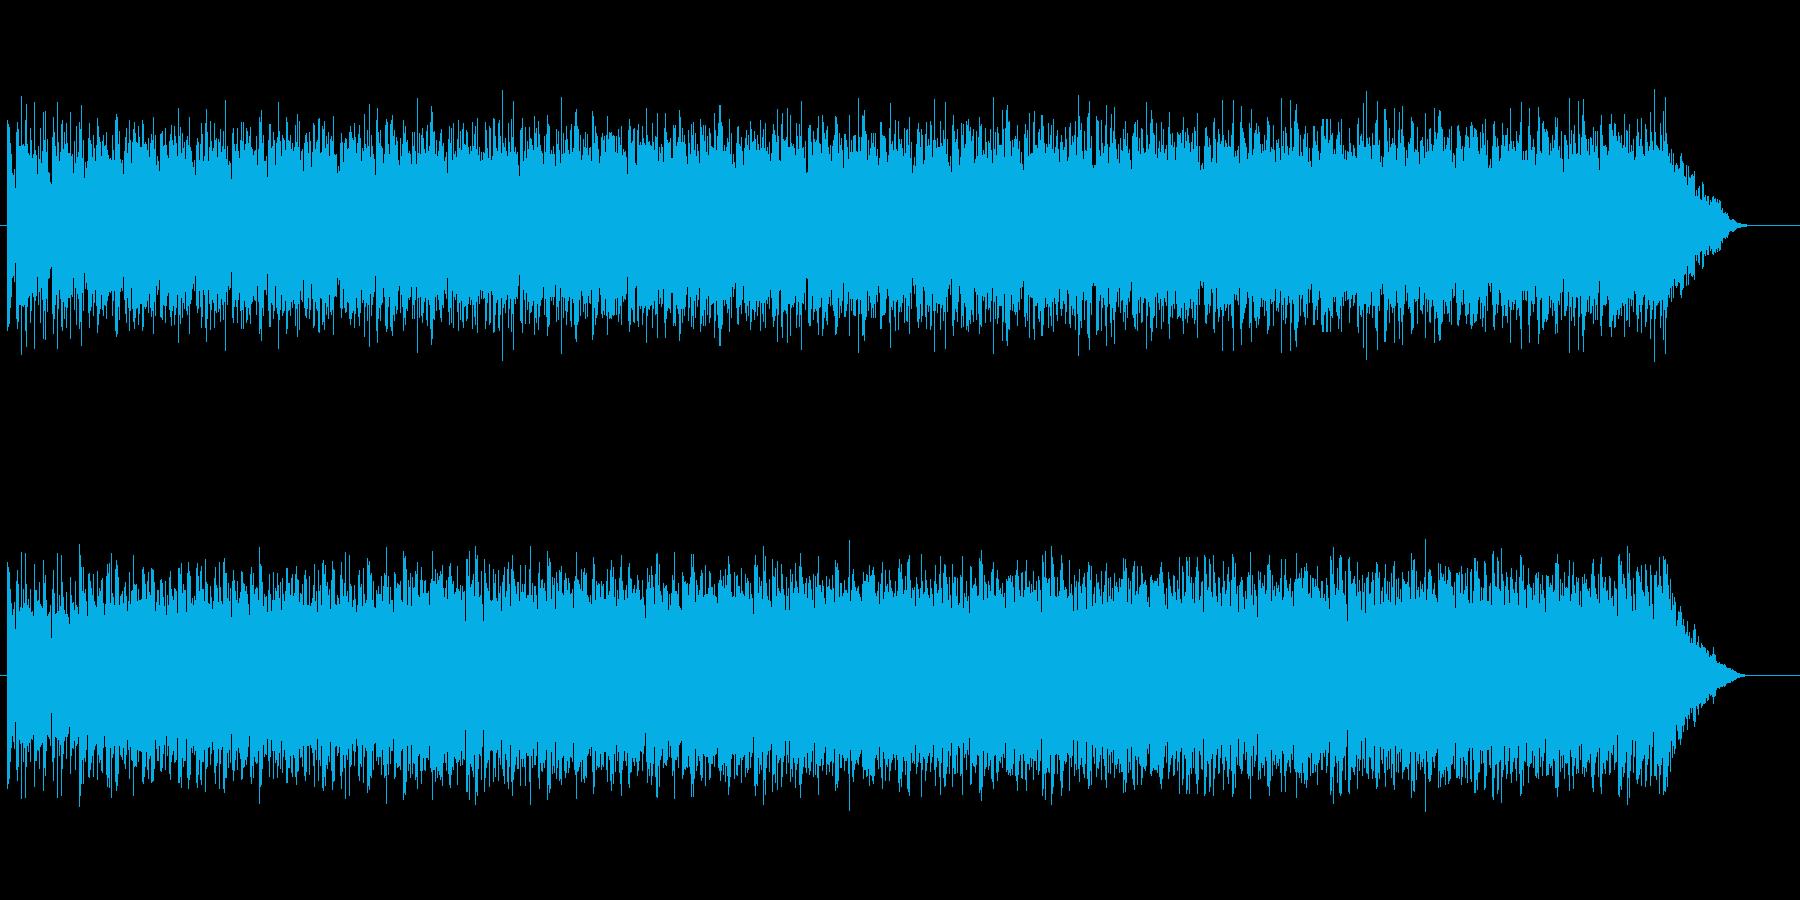 【挑戦者X】ドキュメンタリー番組系BGMの再生済みの波形